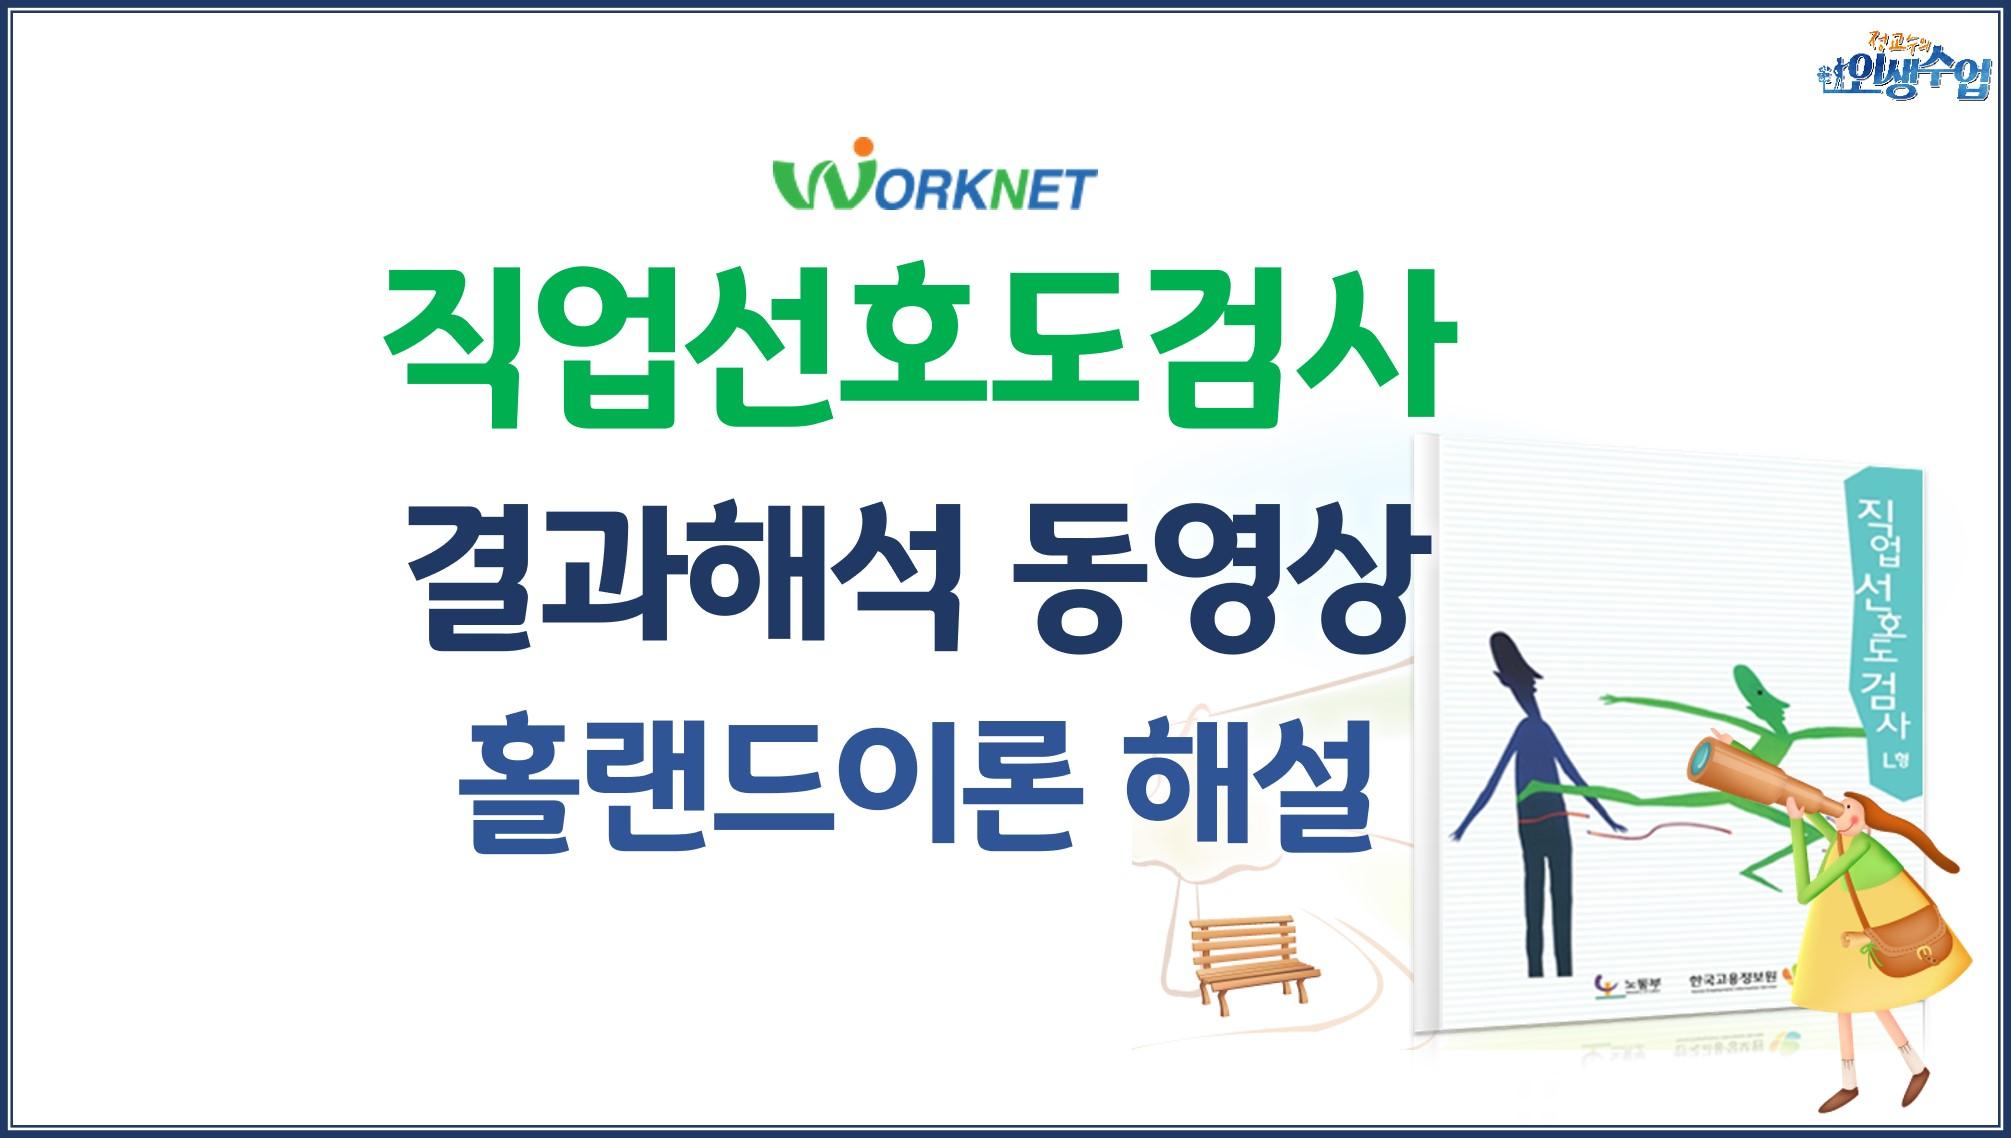 워크넷 직업선호도검사 결과해석 동영상, 홀랜드이론 해설